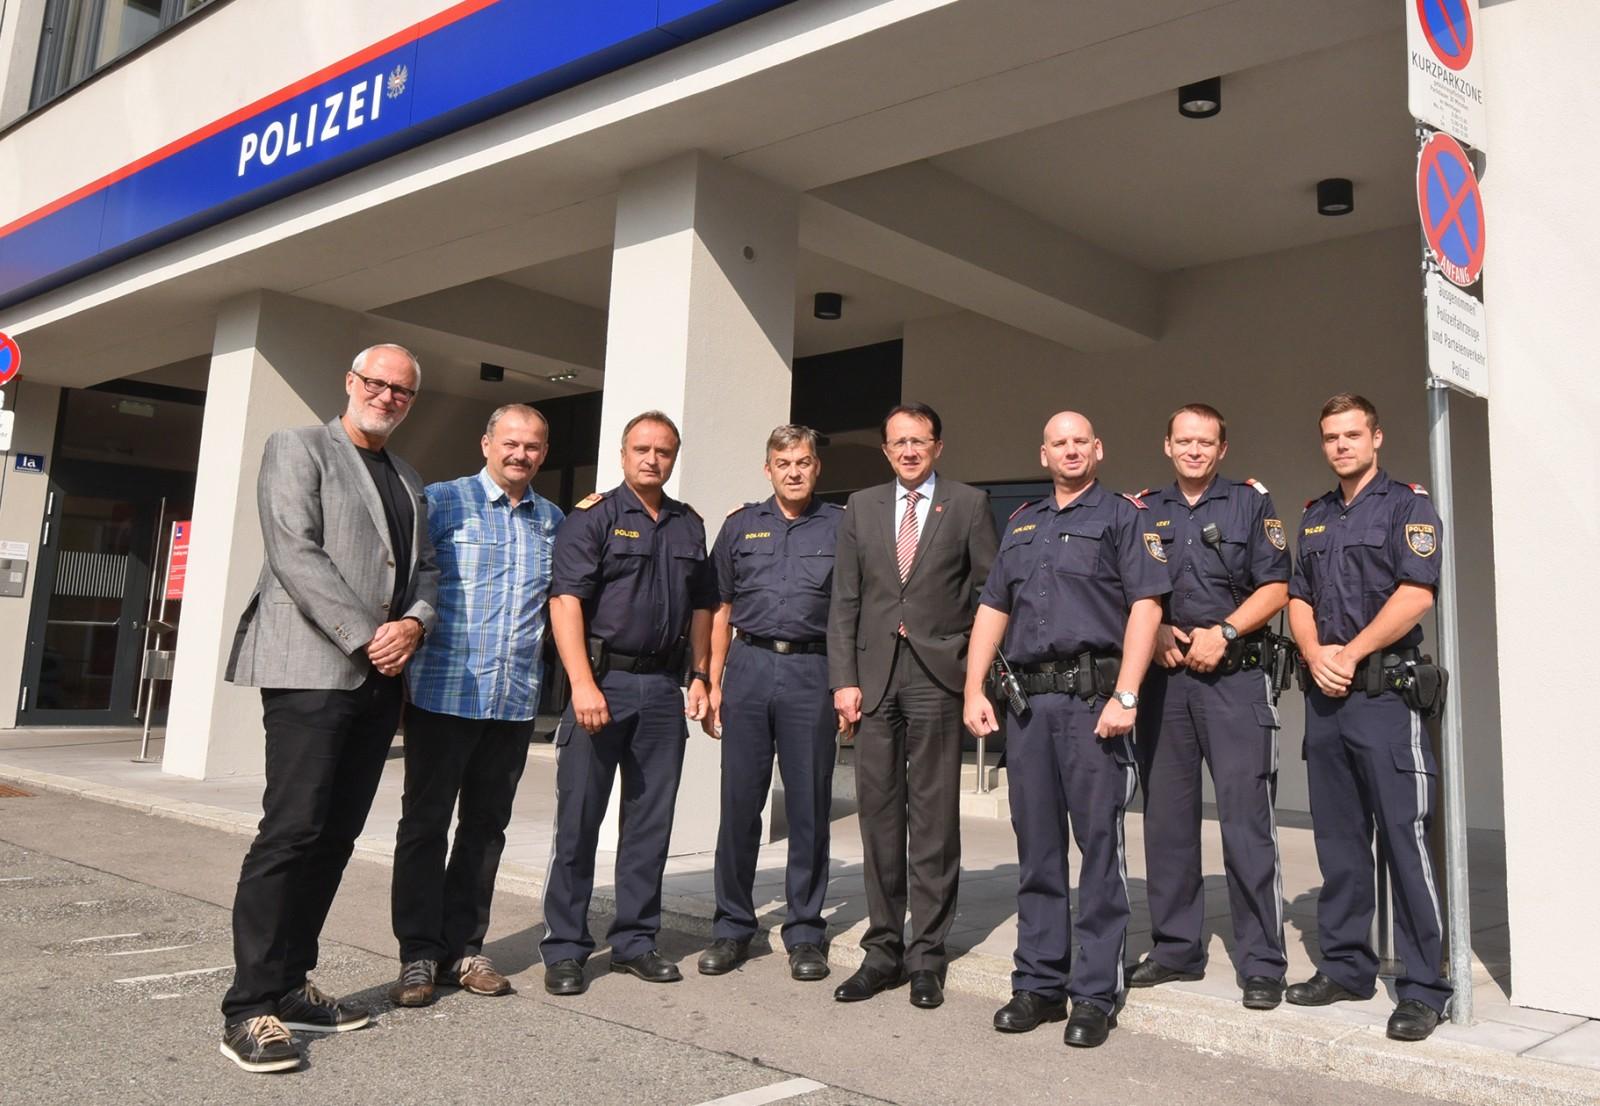 Bei der Polizei am Bahnhof